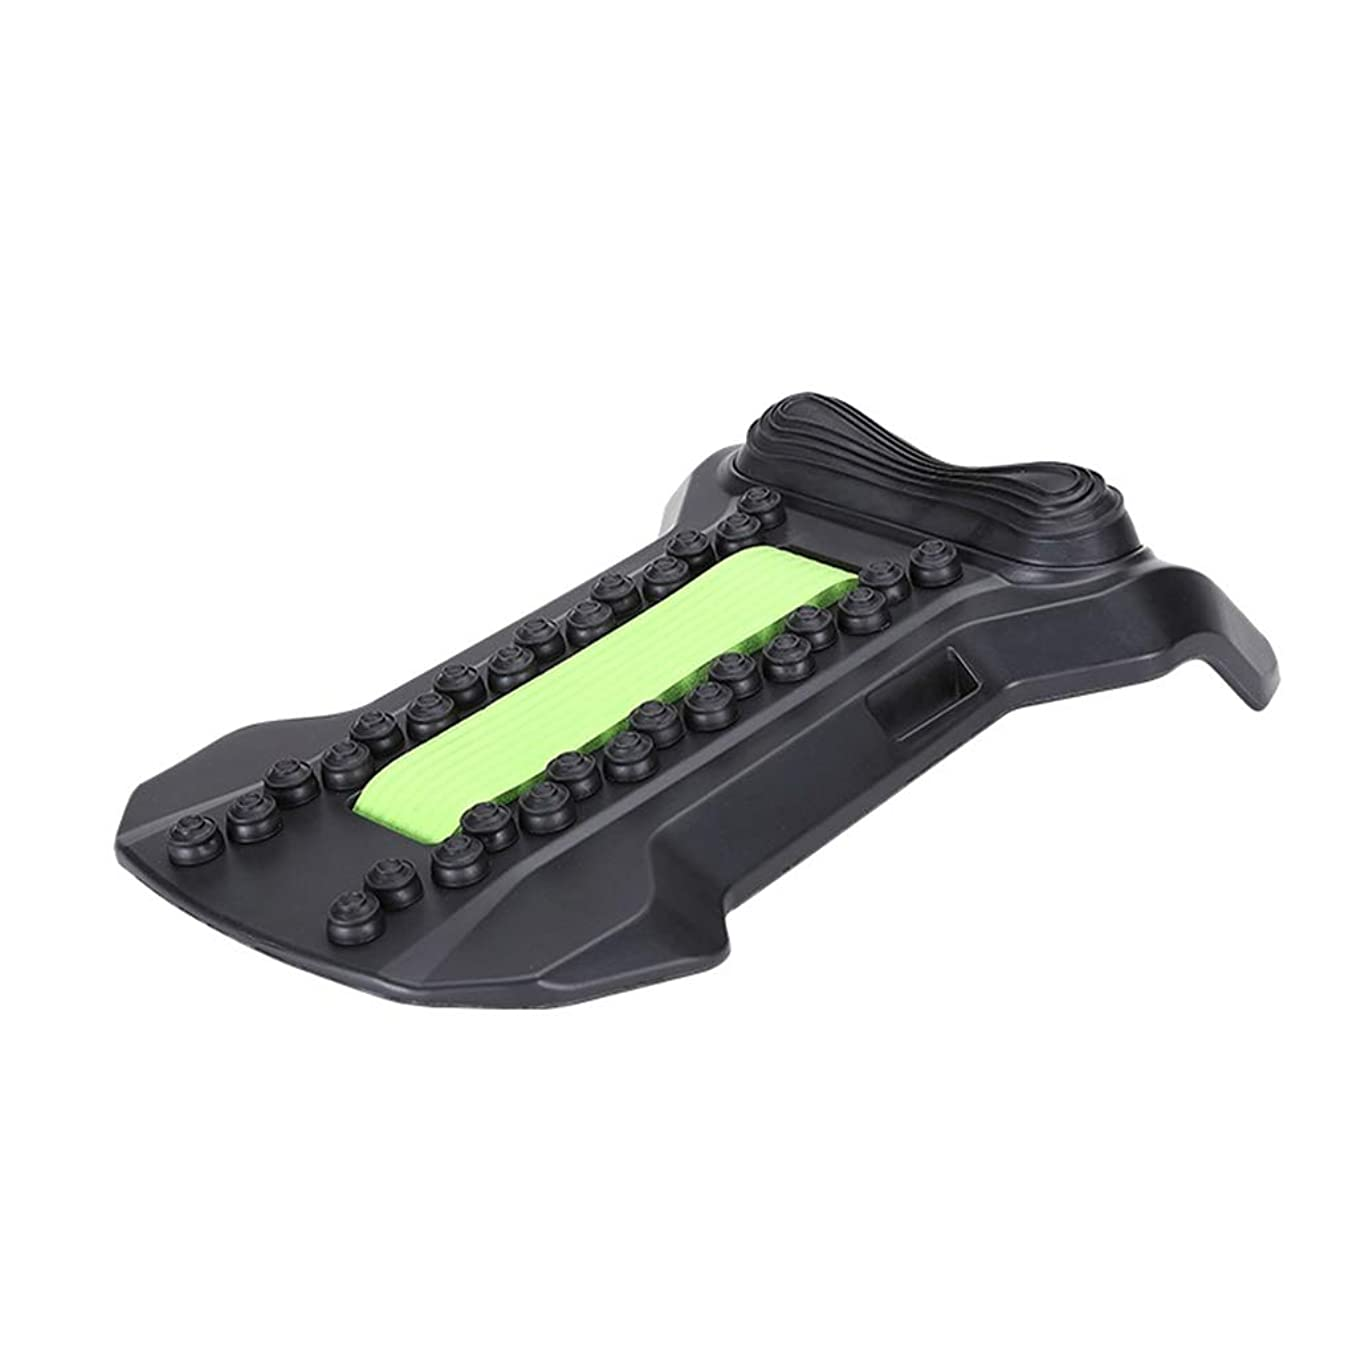 多様な常習者秘書背部マッサージャーの伸張装置、腰椎サポート弛緩の魔法の伸張器の適性の仲間の脊椎の痛みを和らげるカイロプラクター,Green